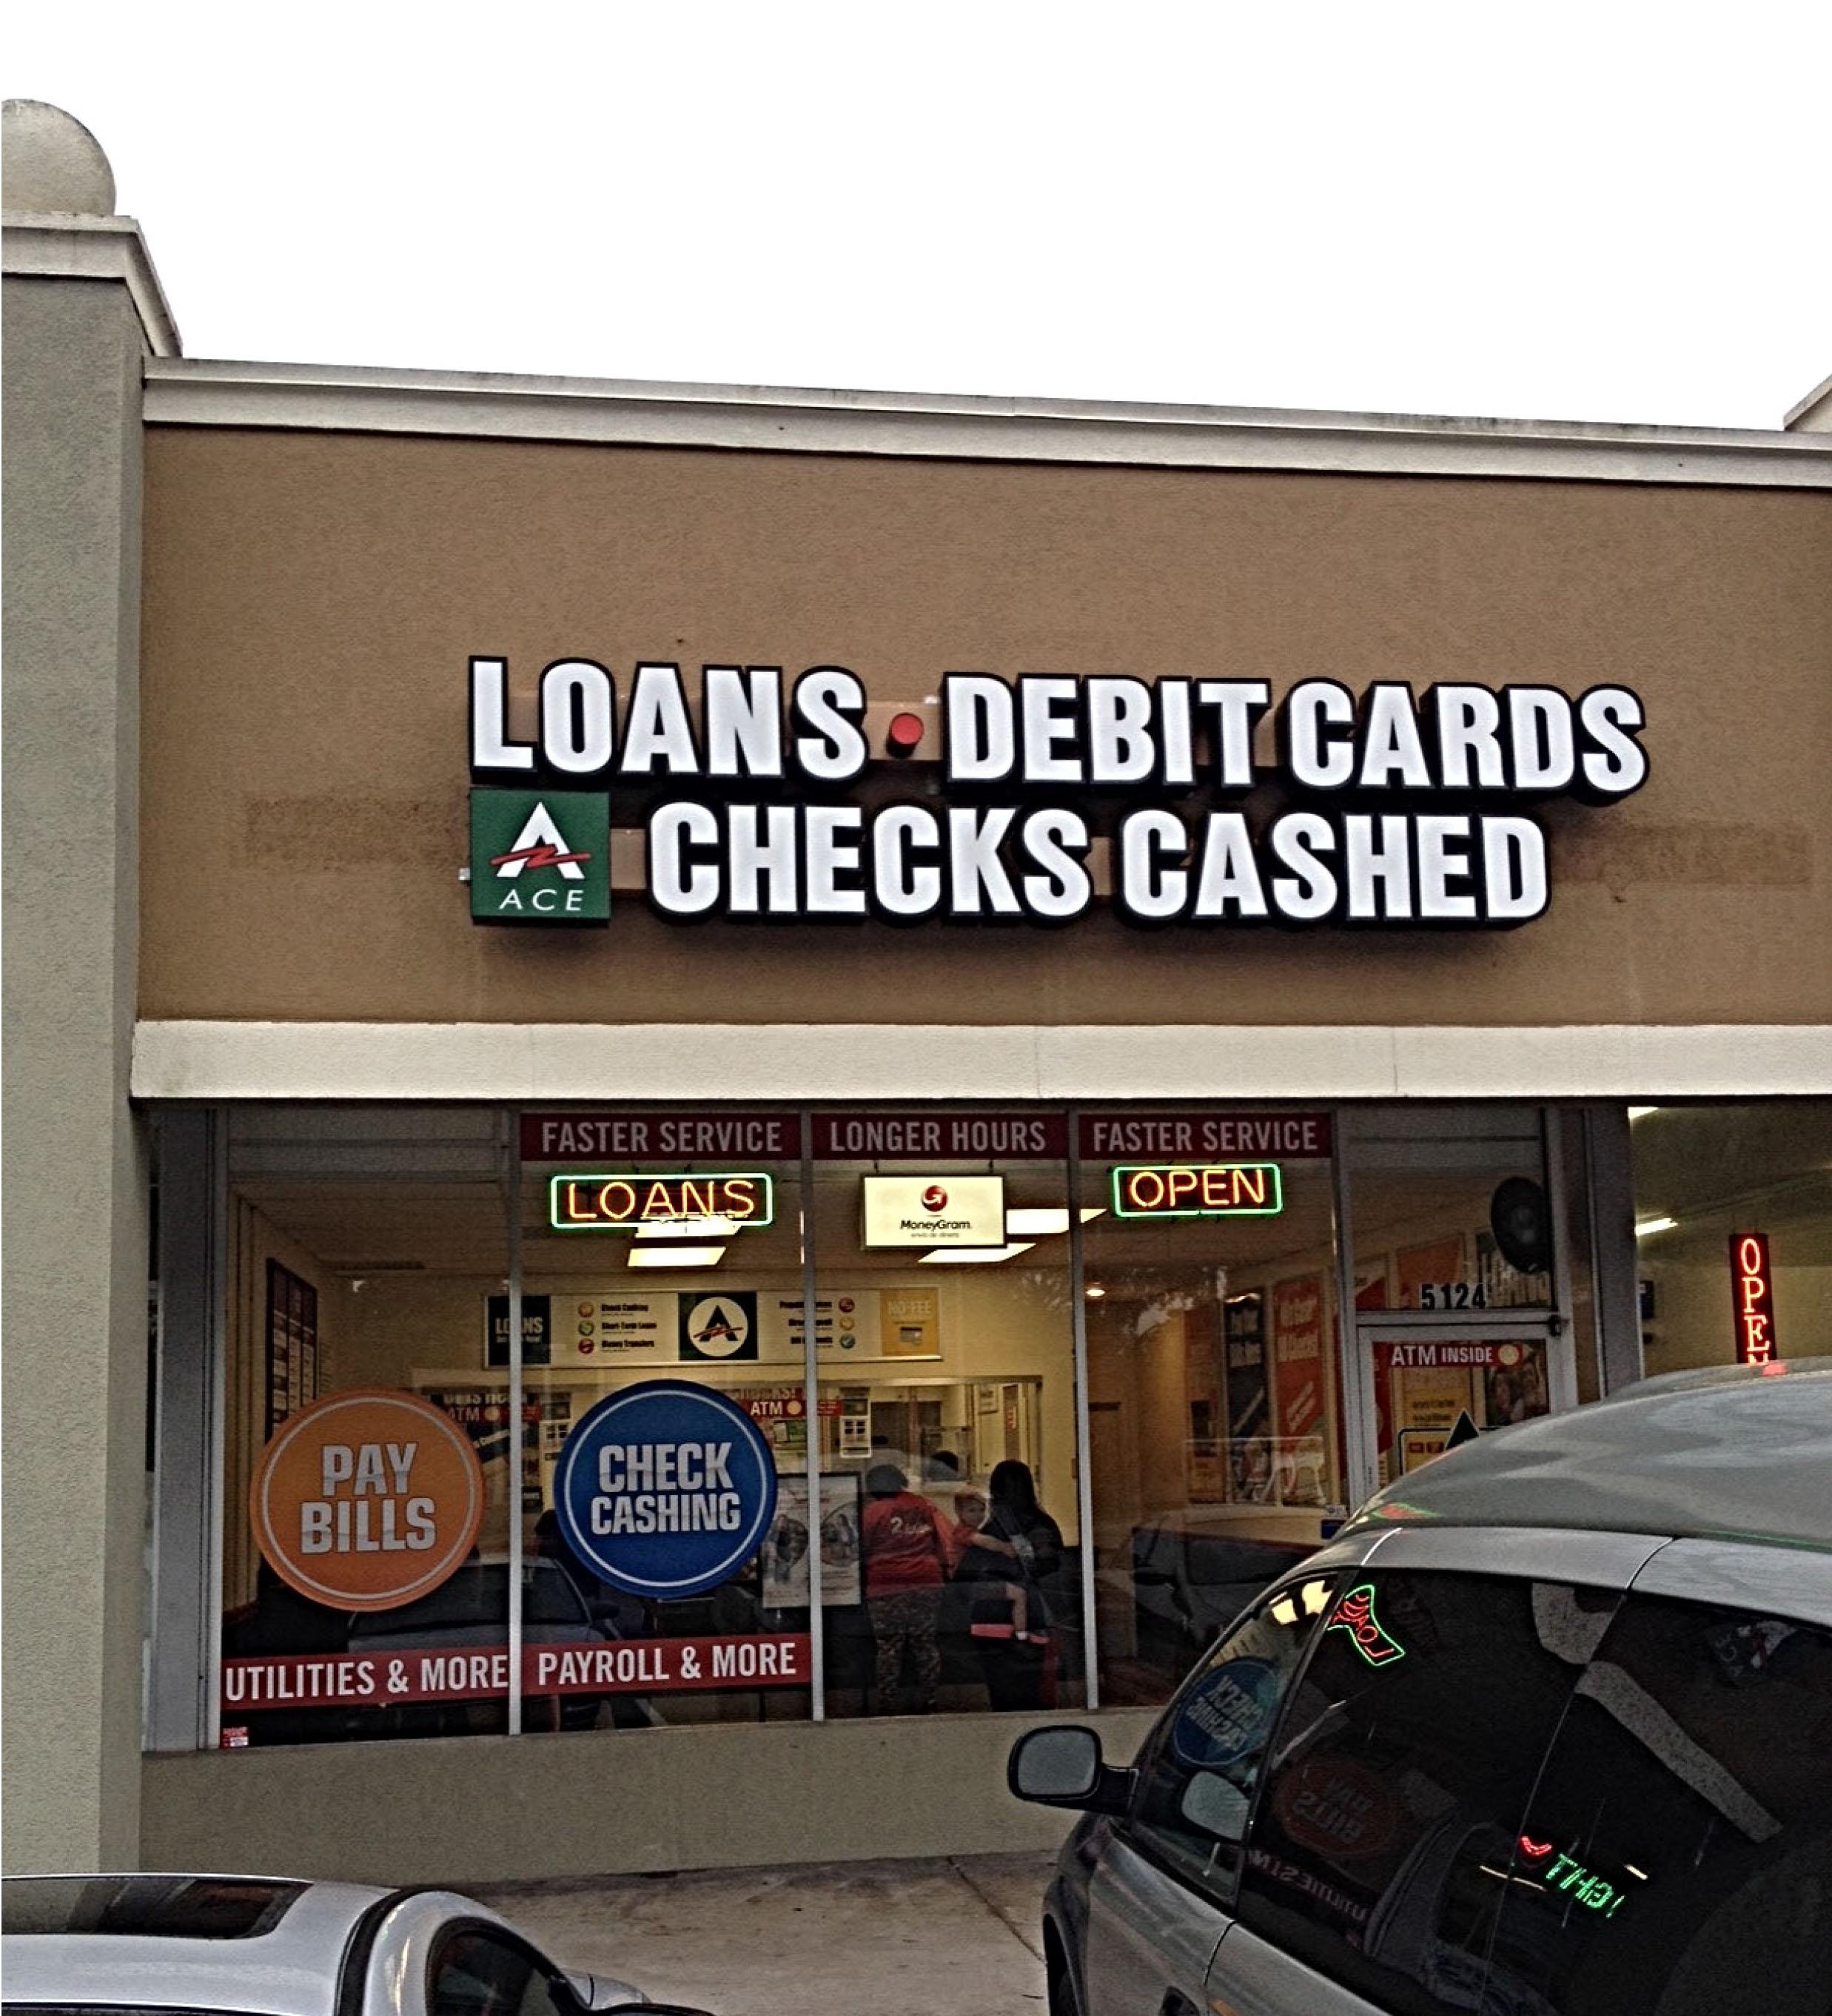 Easy payday loans topeka ks image 5